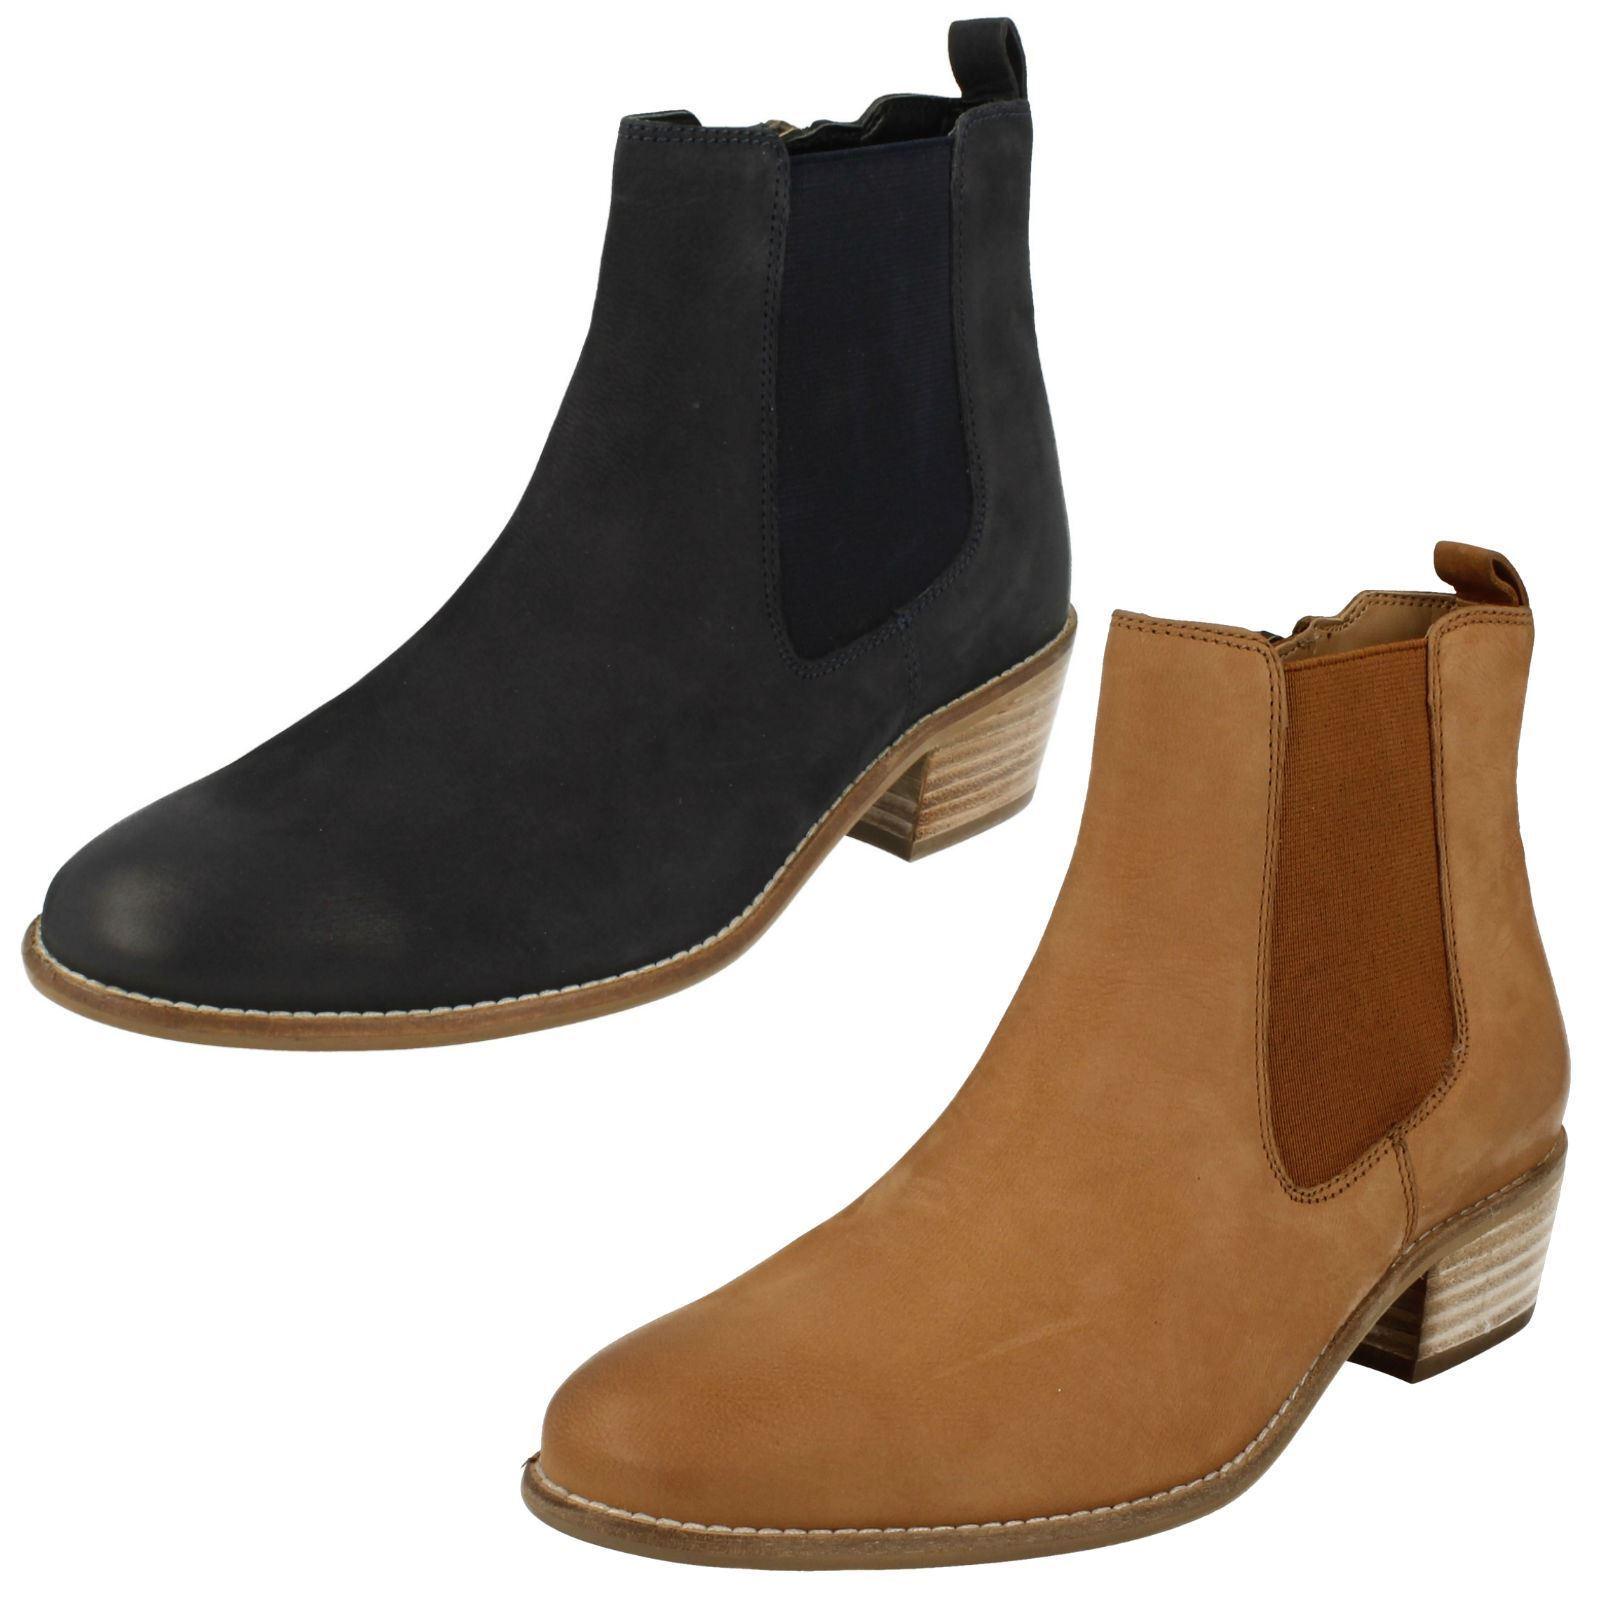 Señoras 'Benton' van dal Chelsea botas al Tobillo 'Benton' Señoras ea5b07